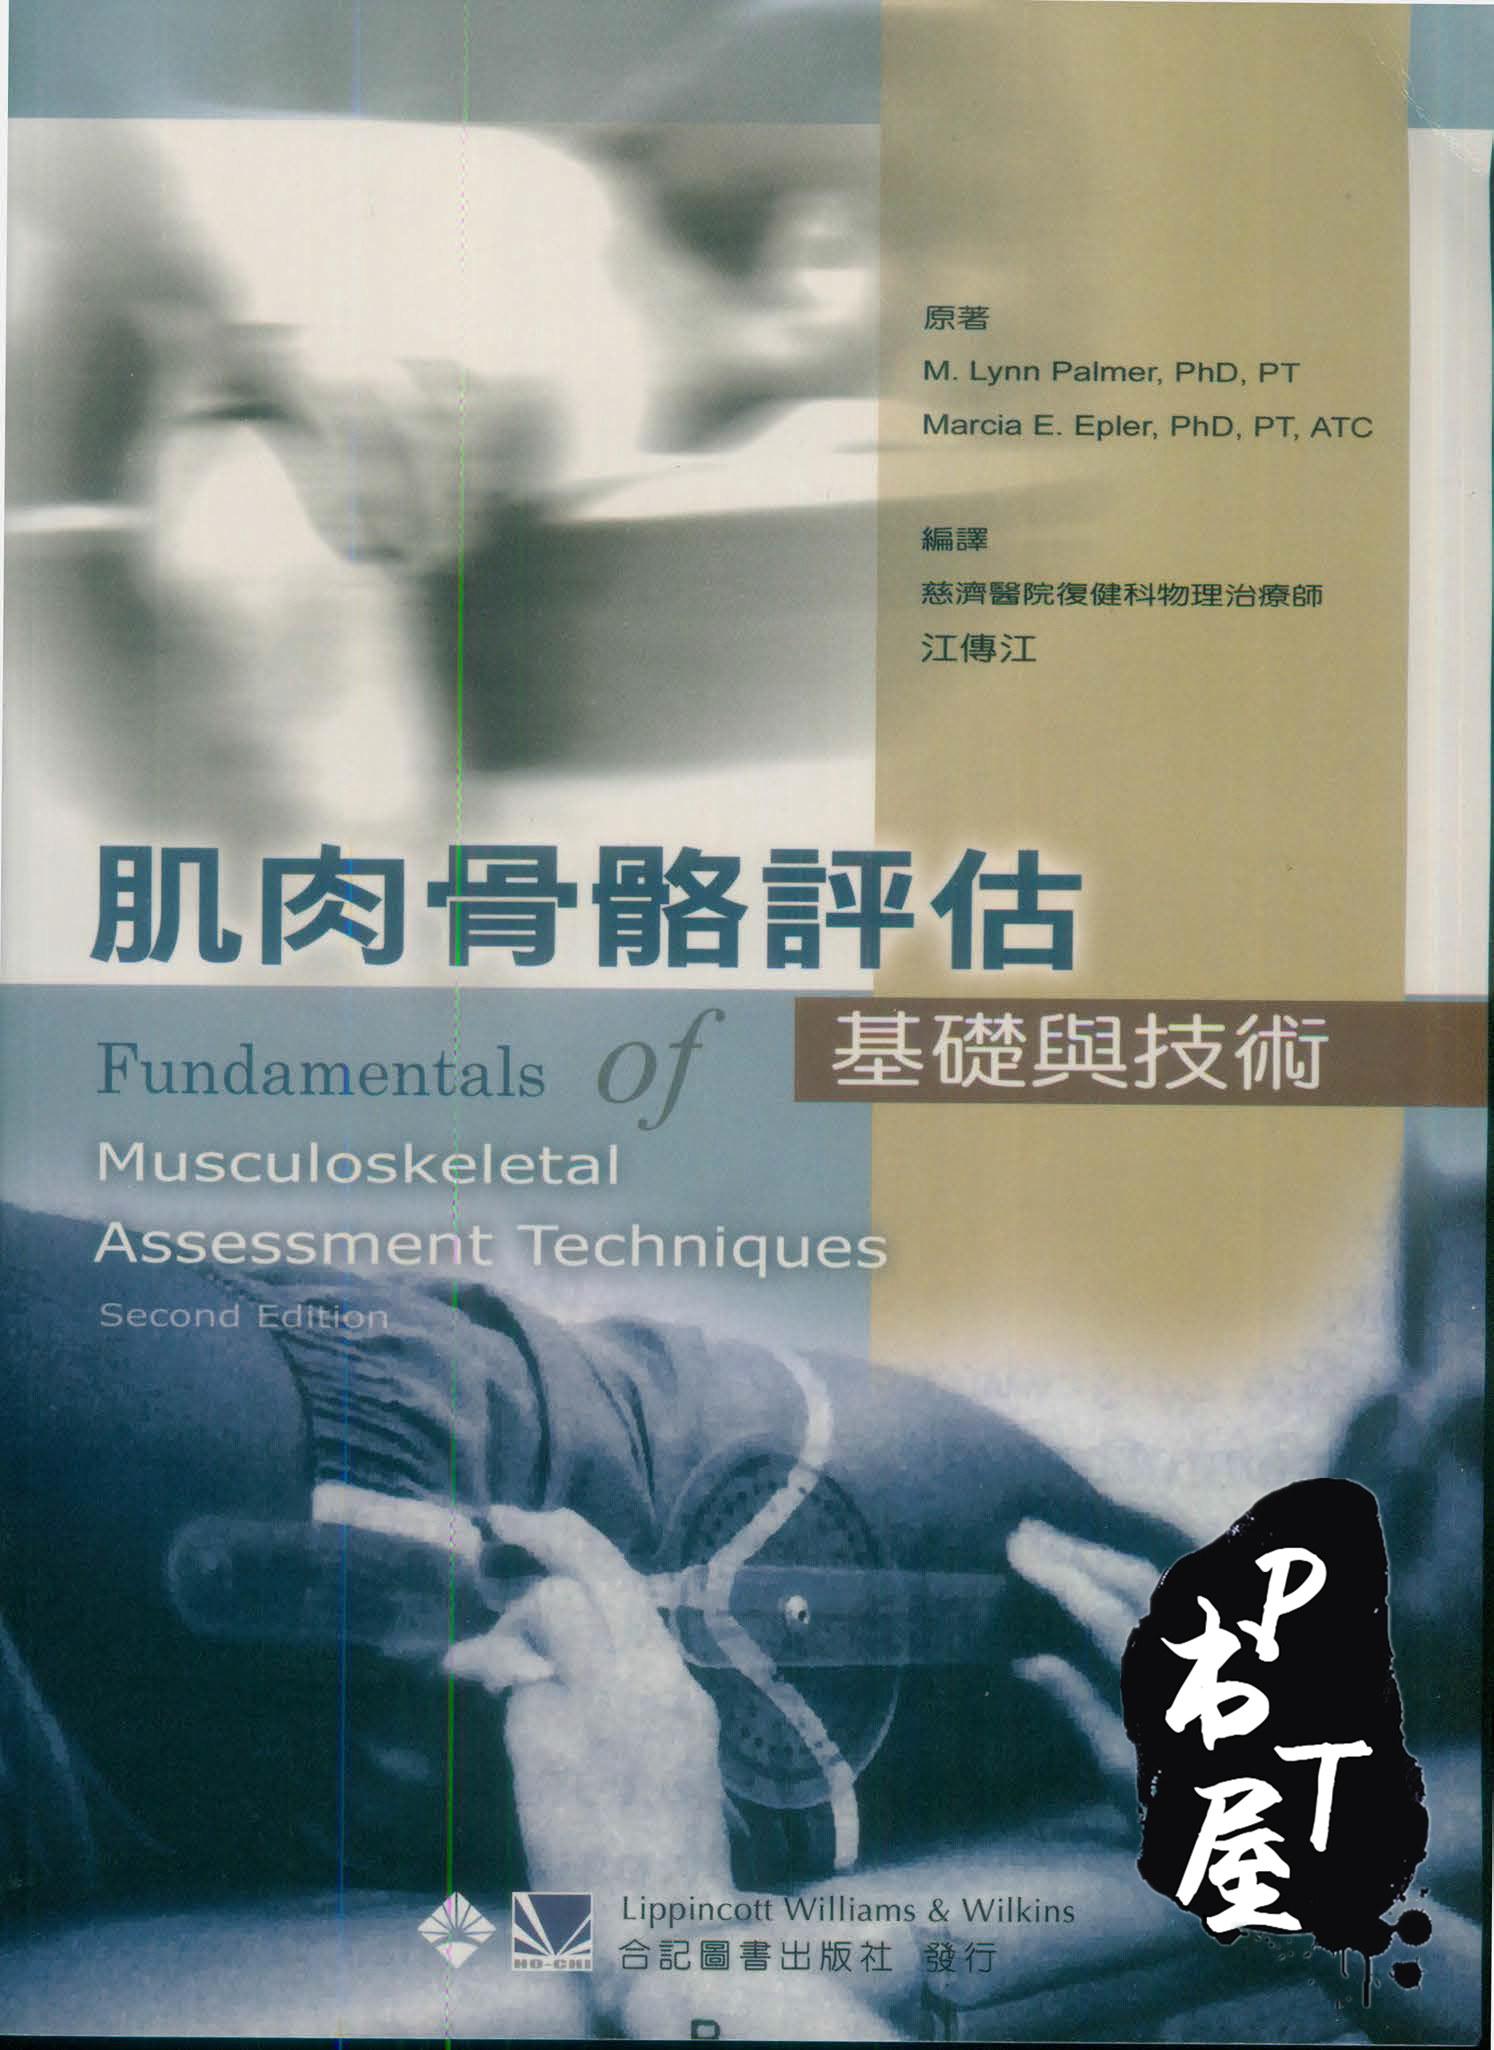 (台版)肌肉骨骼评估基础与技术 Book Cover